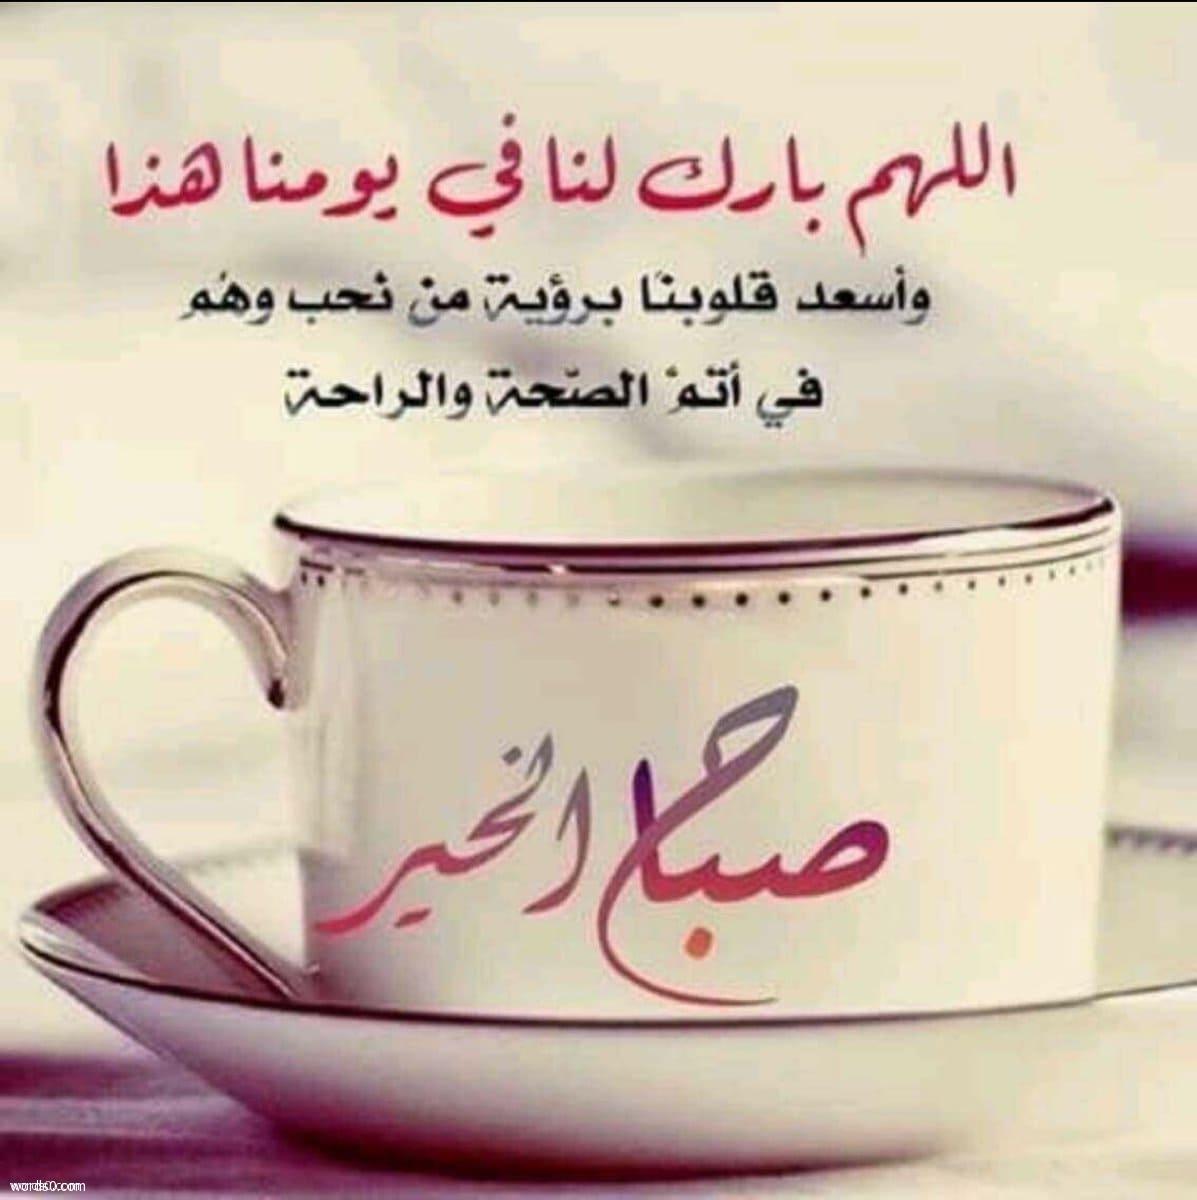 بالصور اجمل ماقيل عن الصباح , كلمات روعة لصباح مشرق 5013 12